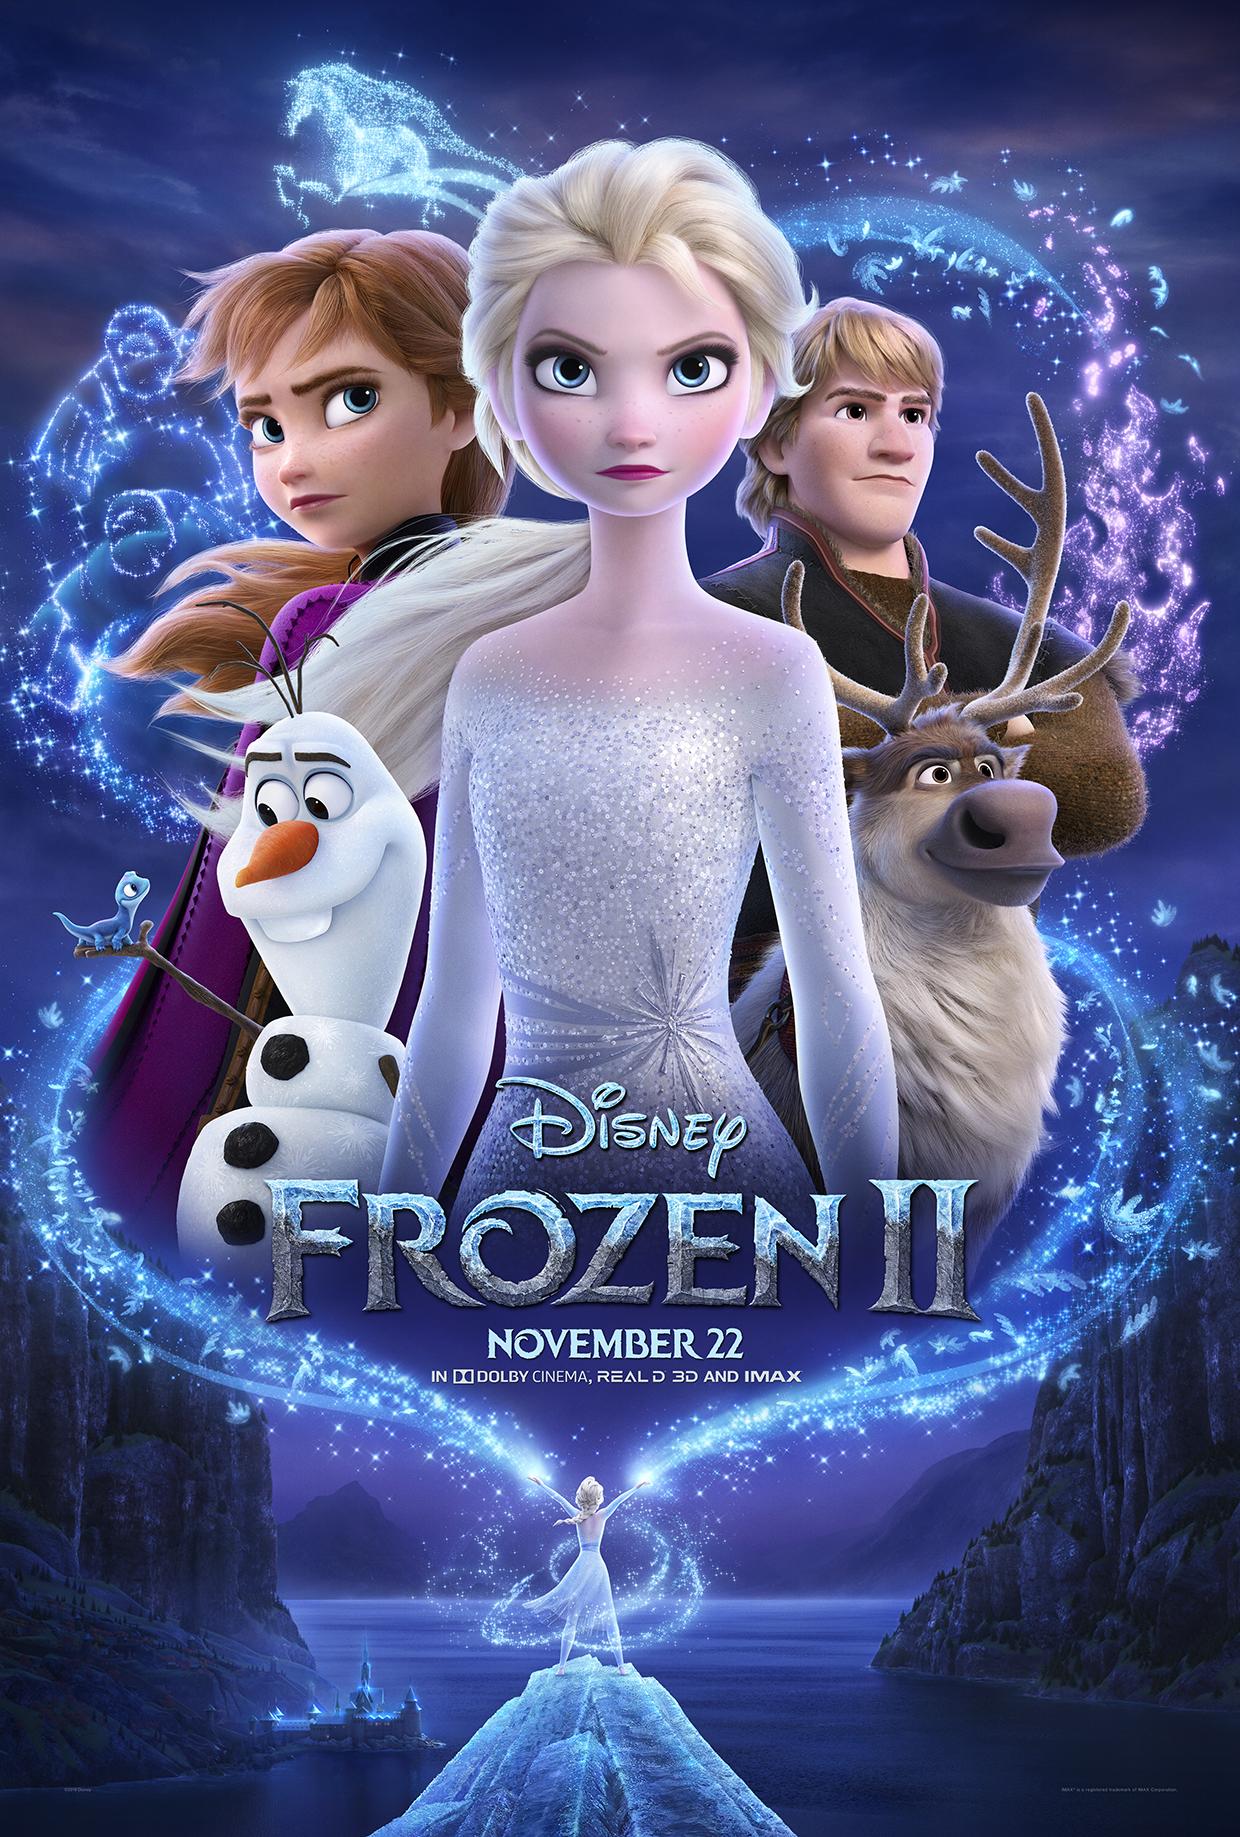 Frozen 2 Movie Premiere